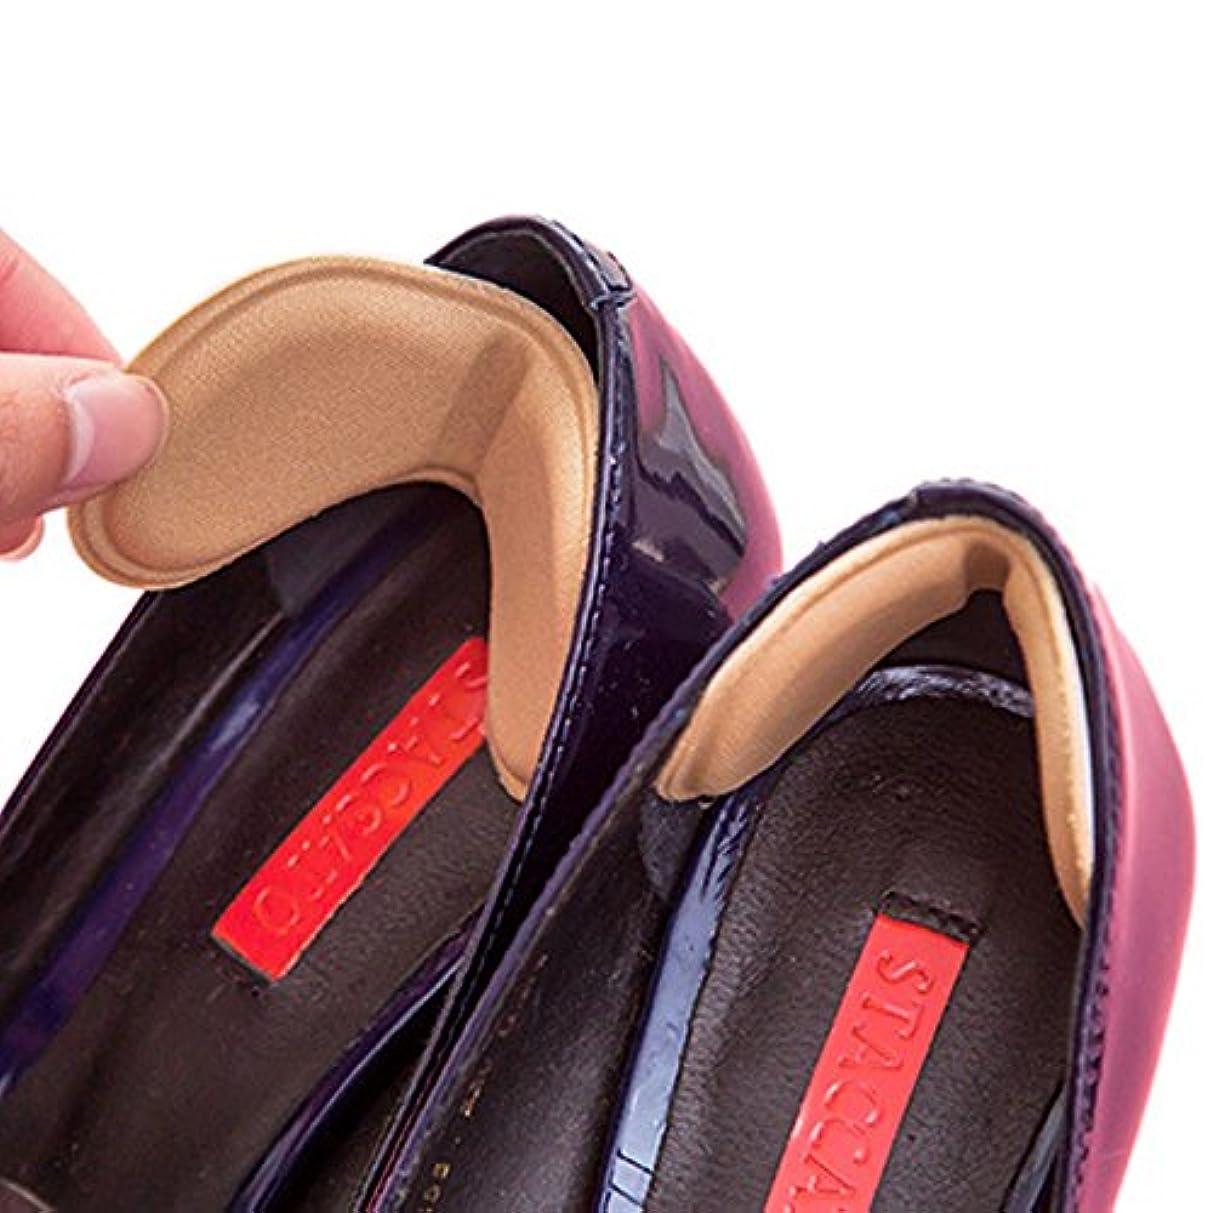 階層メガロポリス祖先靴擦れ 半張りパッド 靴擦れ防止 防止かかと パカパカ防止 ハイヒール用 足裏保護 インソール 靴のサイズ調整 四組入り